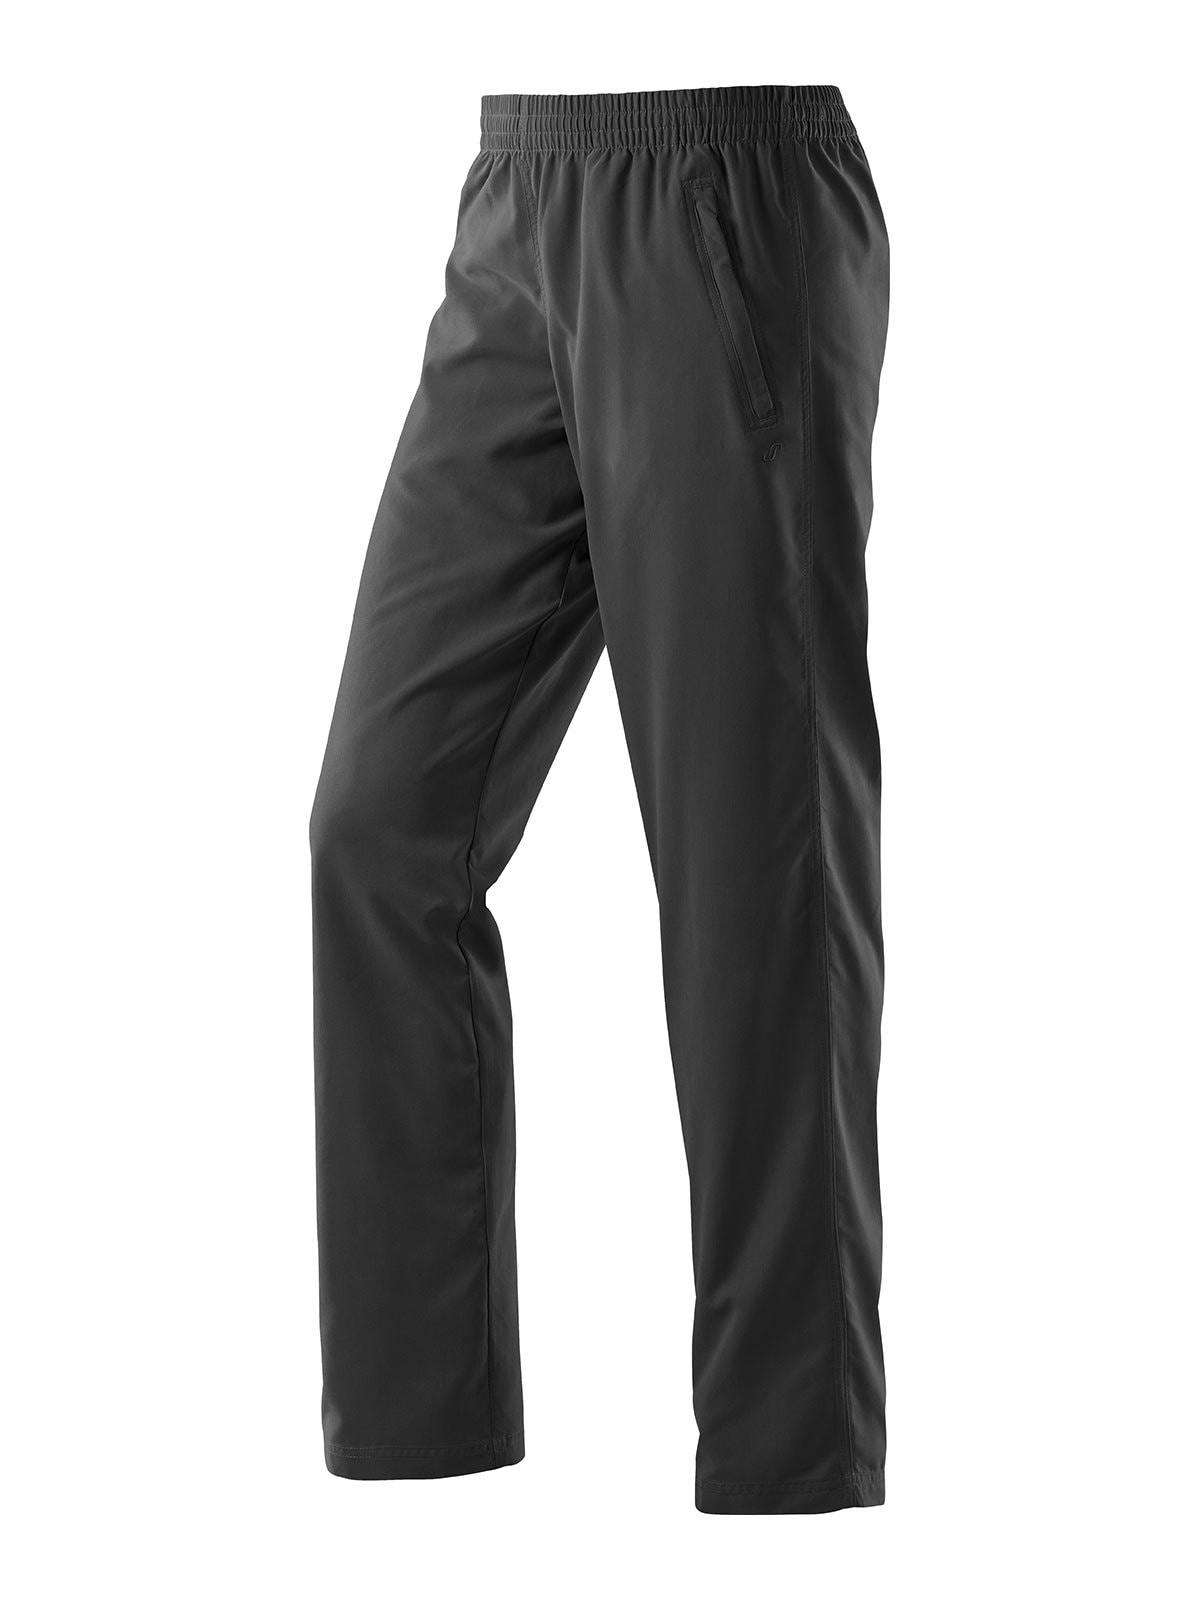 Joy Sportswear Sporthose MARCO | Sportbekleidung > Sporthosen | Schwarz | Joy Sportswear